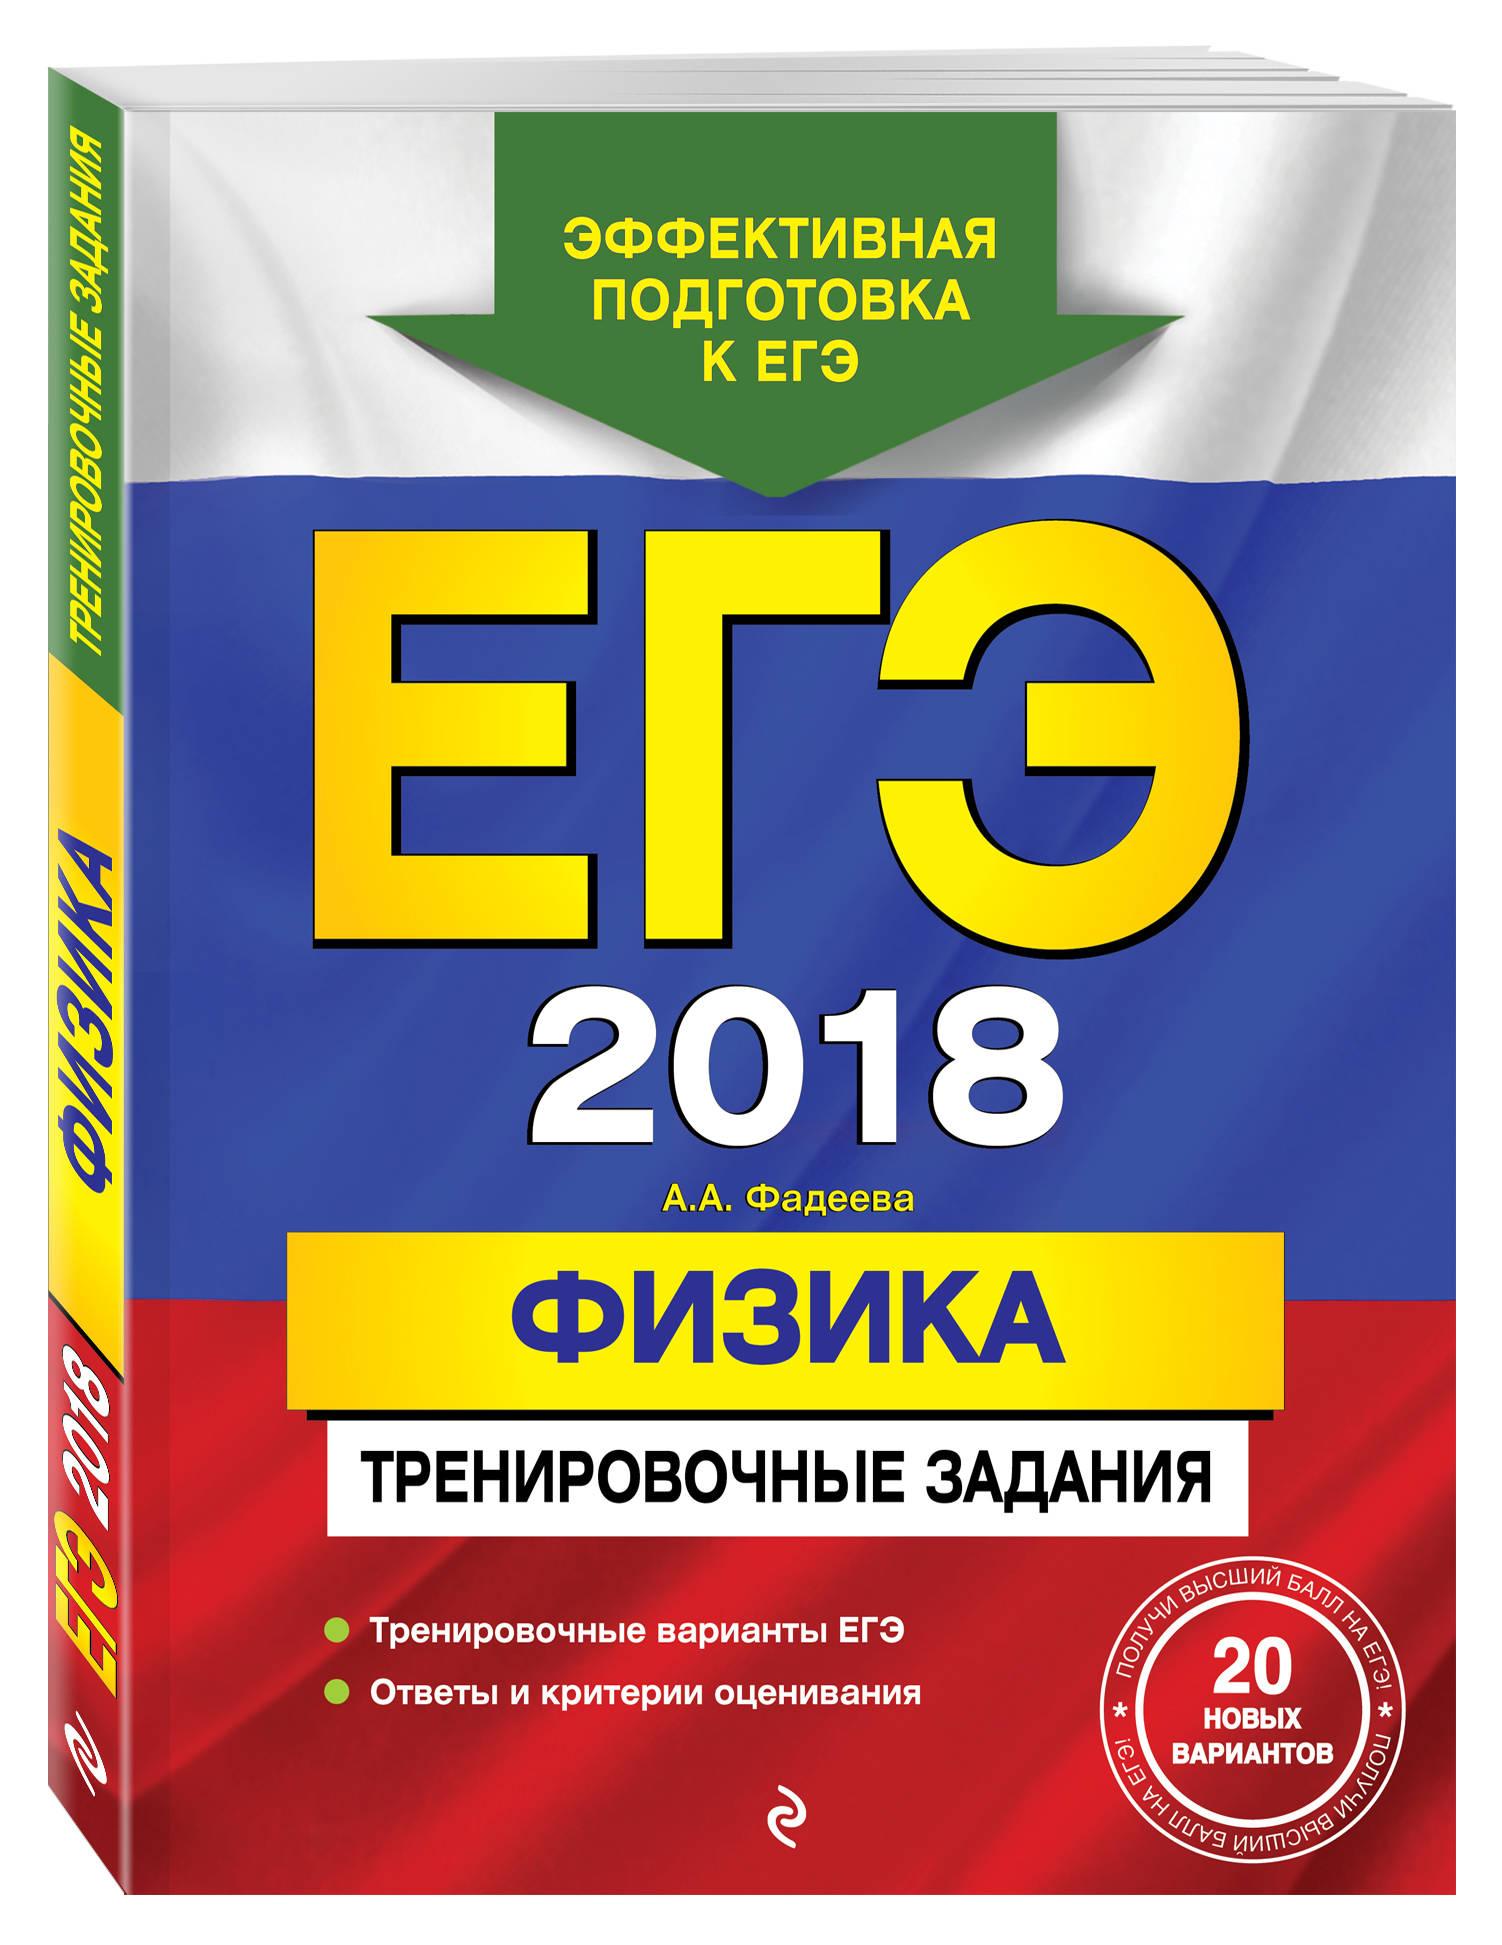 ЕГЭ-2018. Физика. Тренировочные задания от book24.ru